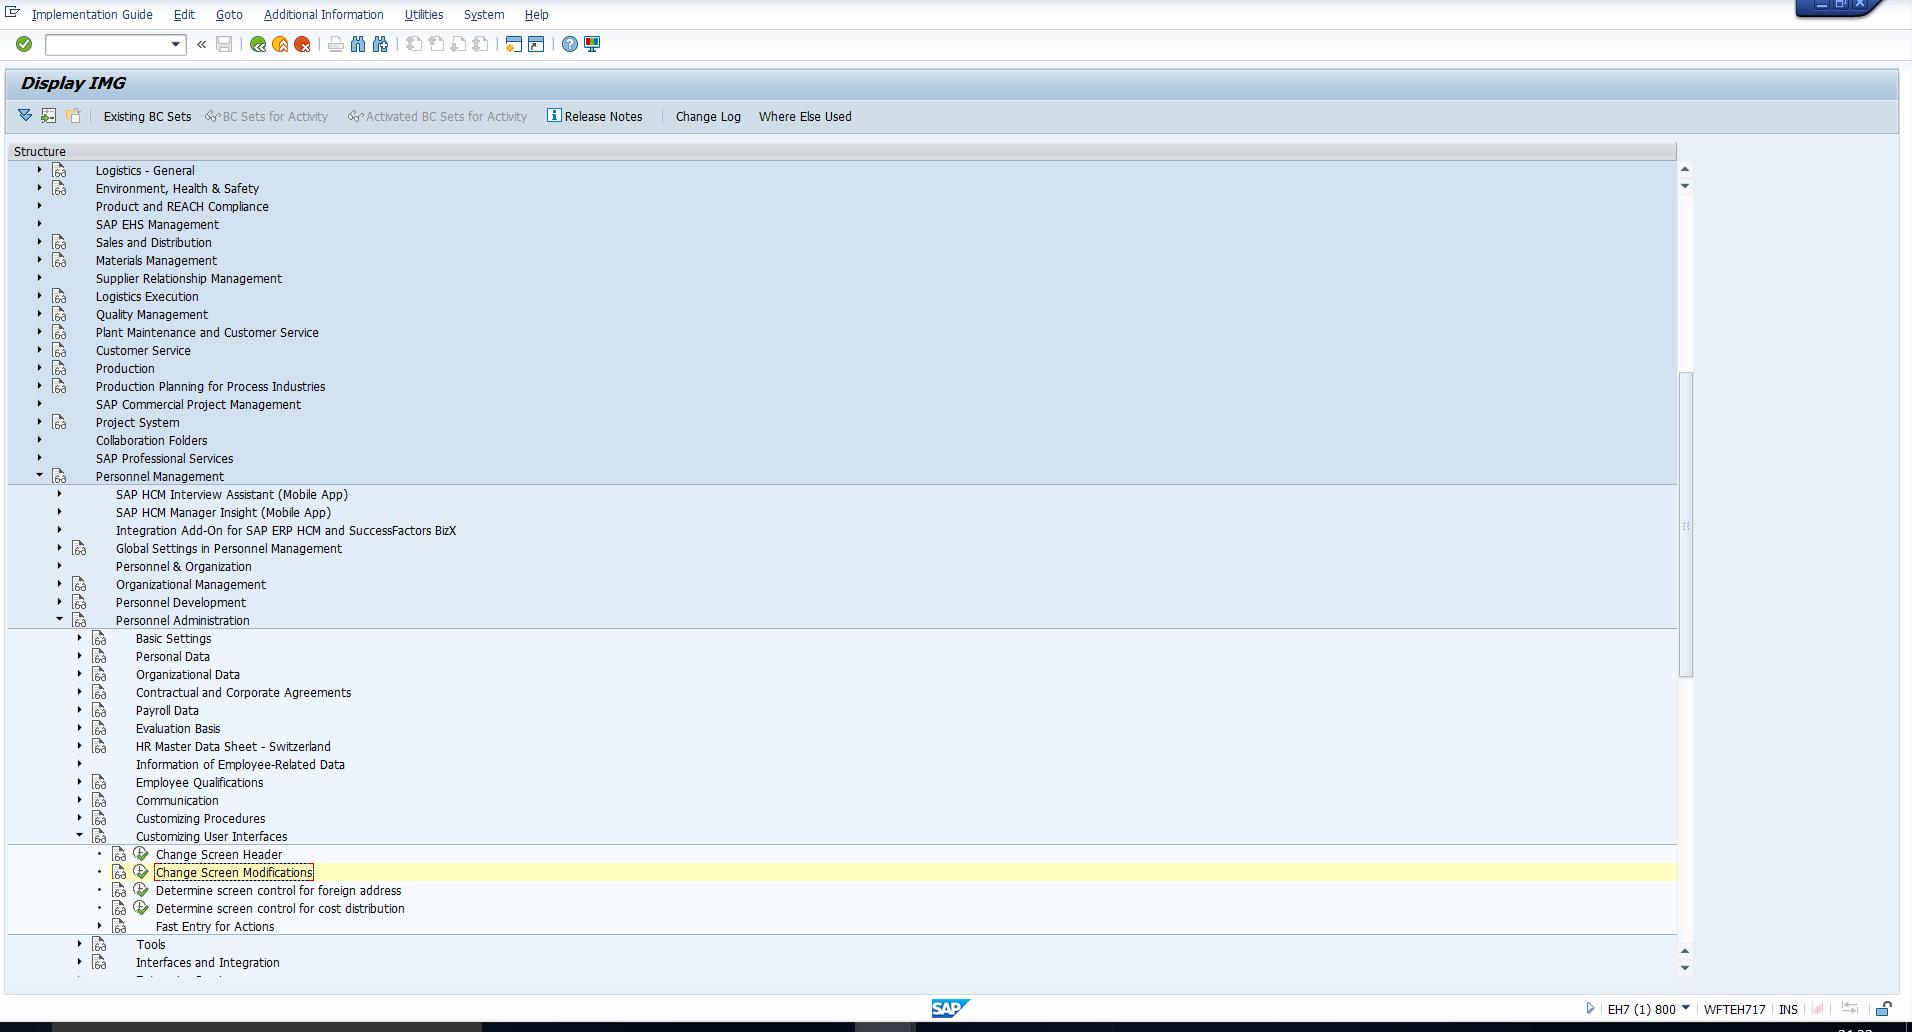 Customizing Path - Change Screen Modifications